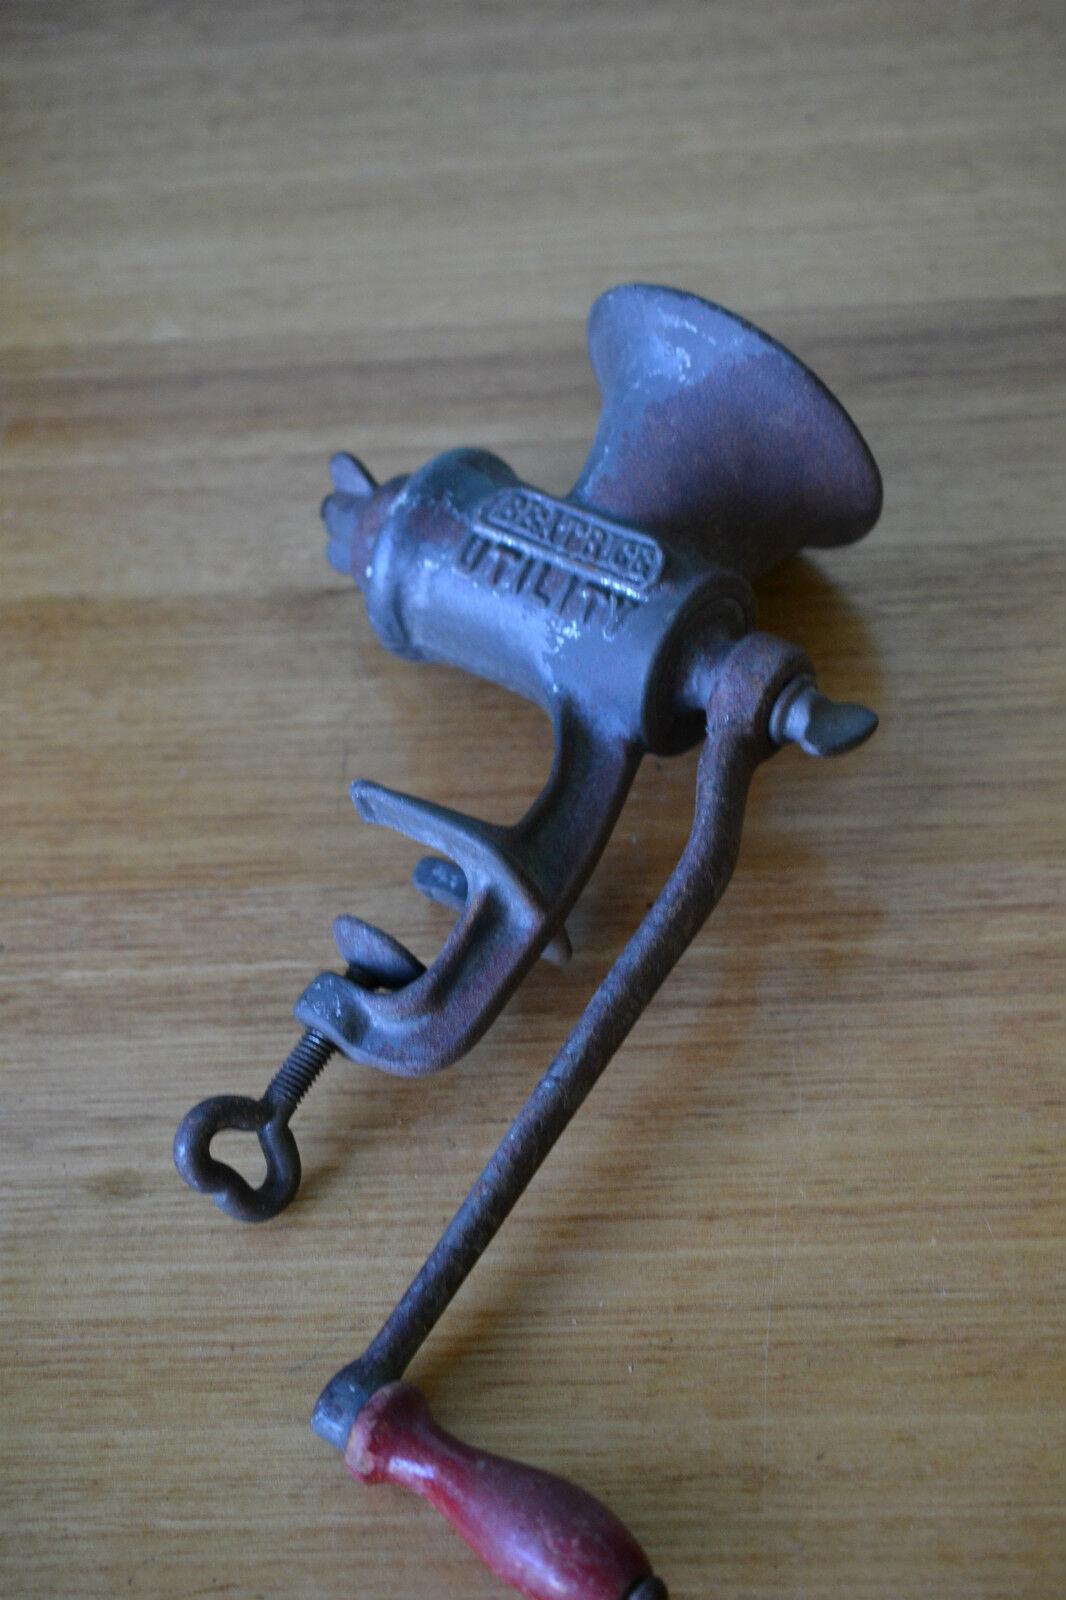 Vintage Hand Meat Mincer/Grinder Beatbrige Utility food chopper  England OT8